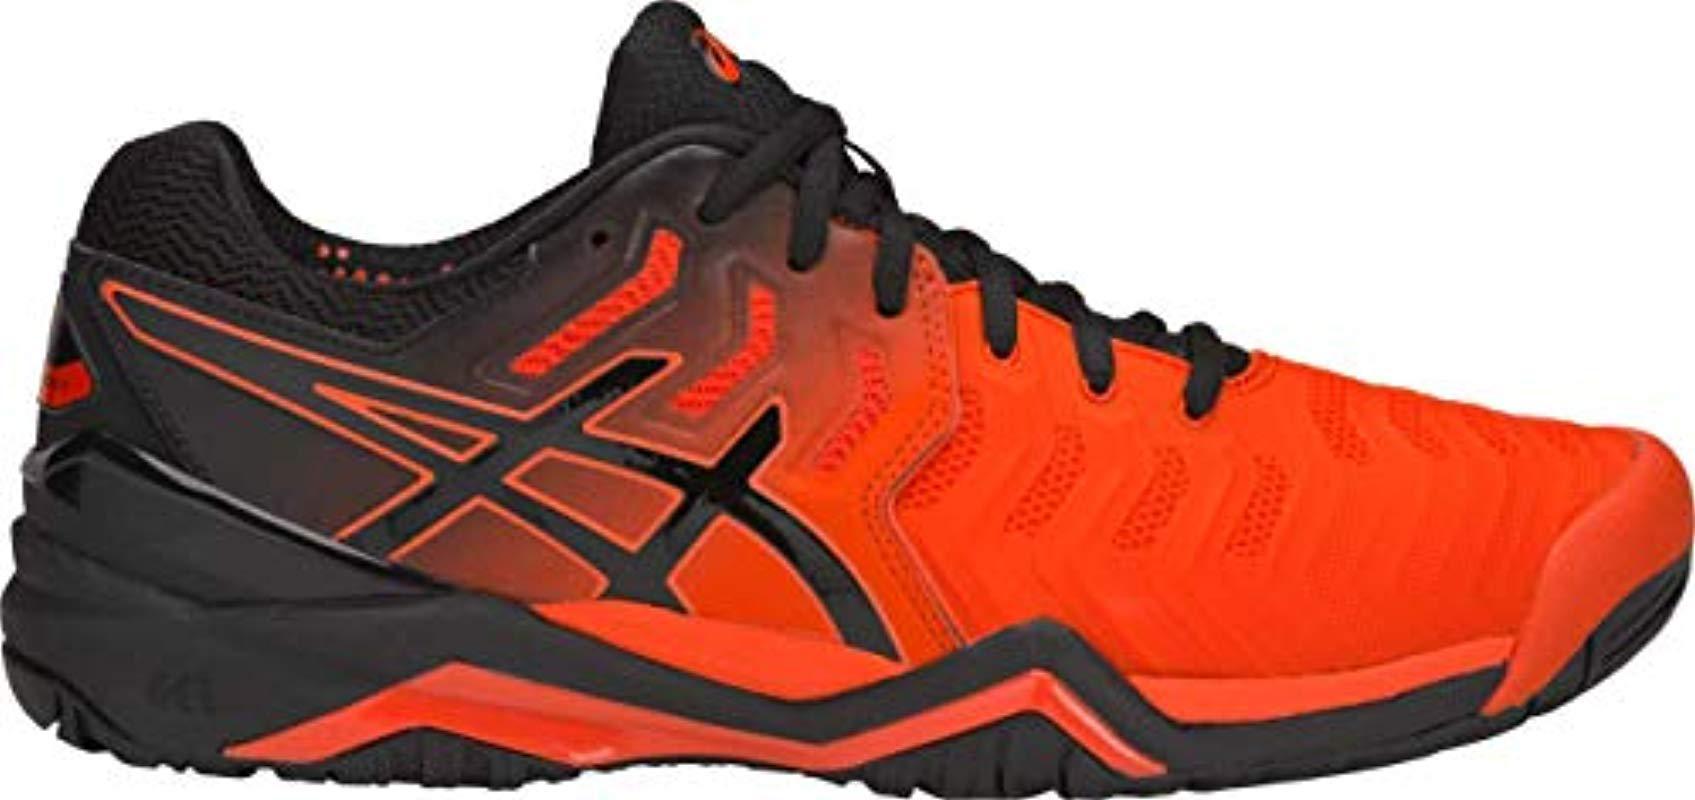 38445a3af90 Lyst - Asics S Gel-resolution 7 Tennis Shoe in Orange for Men